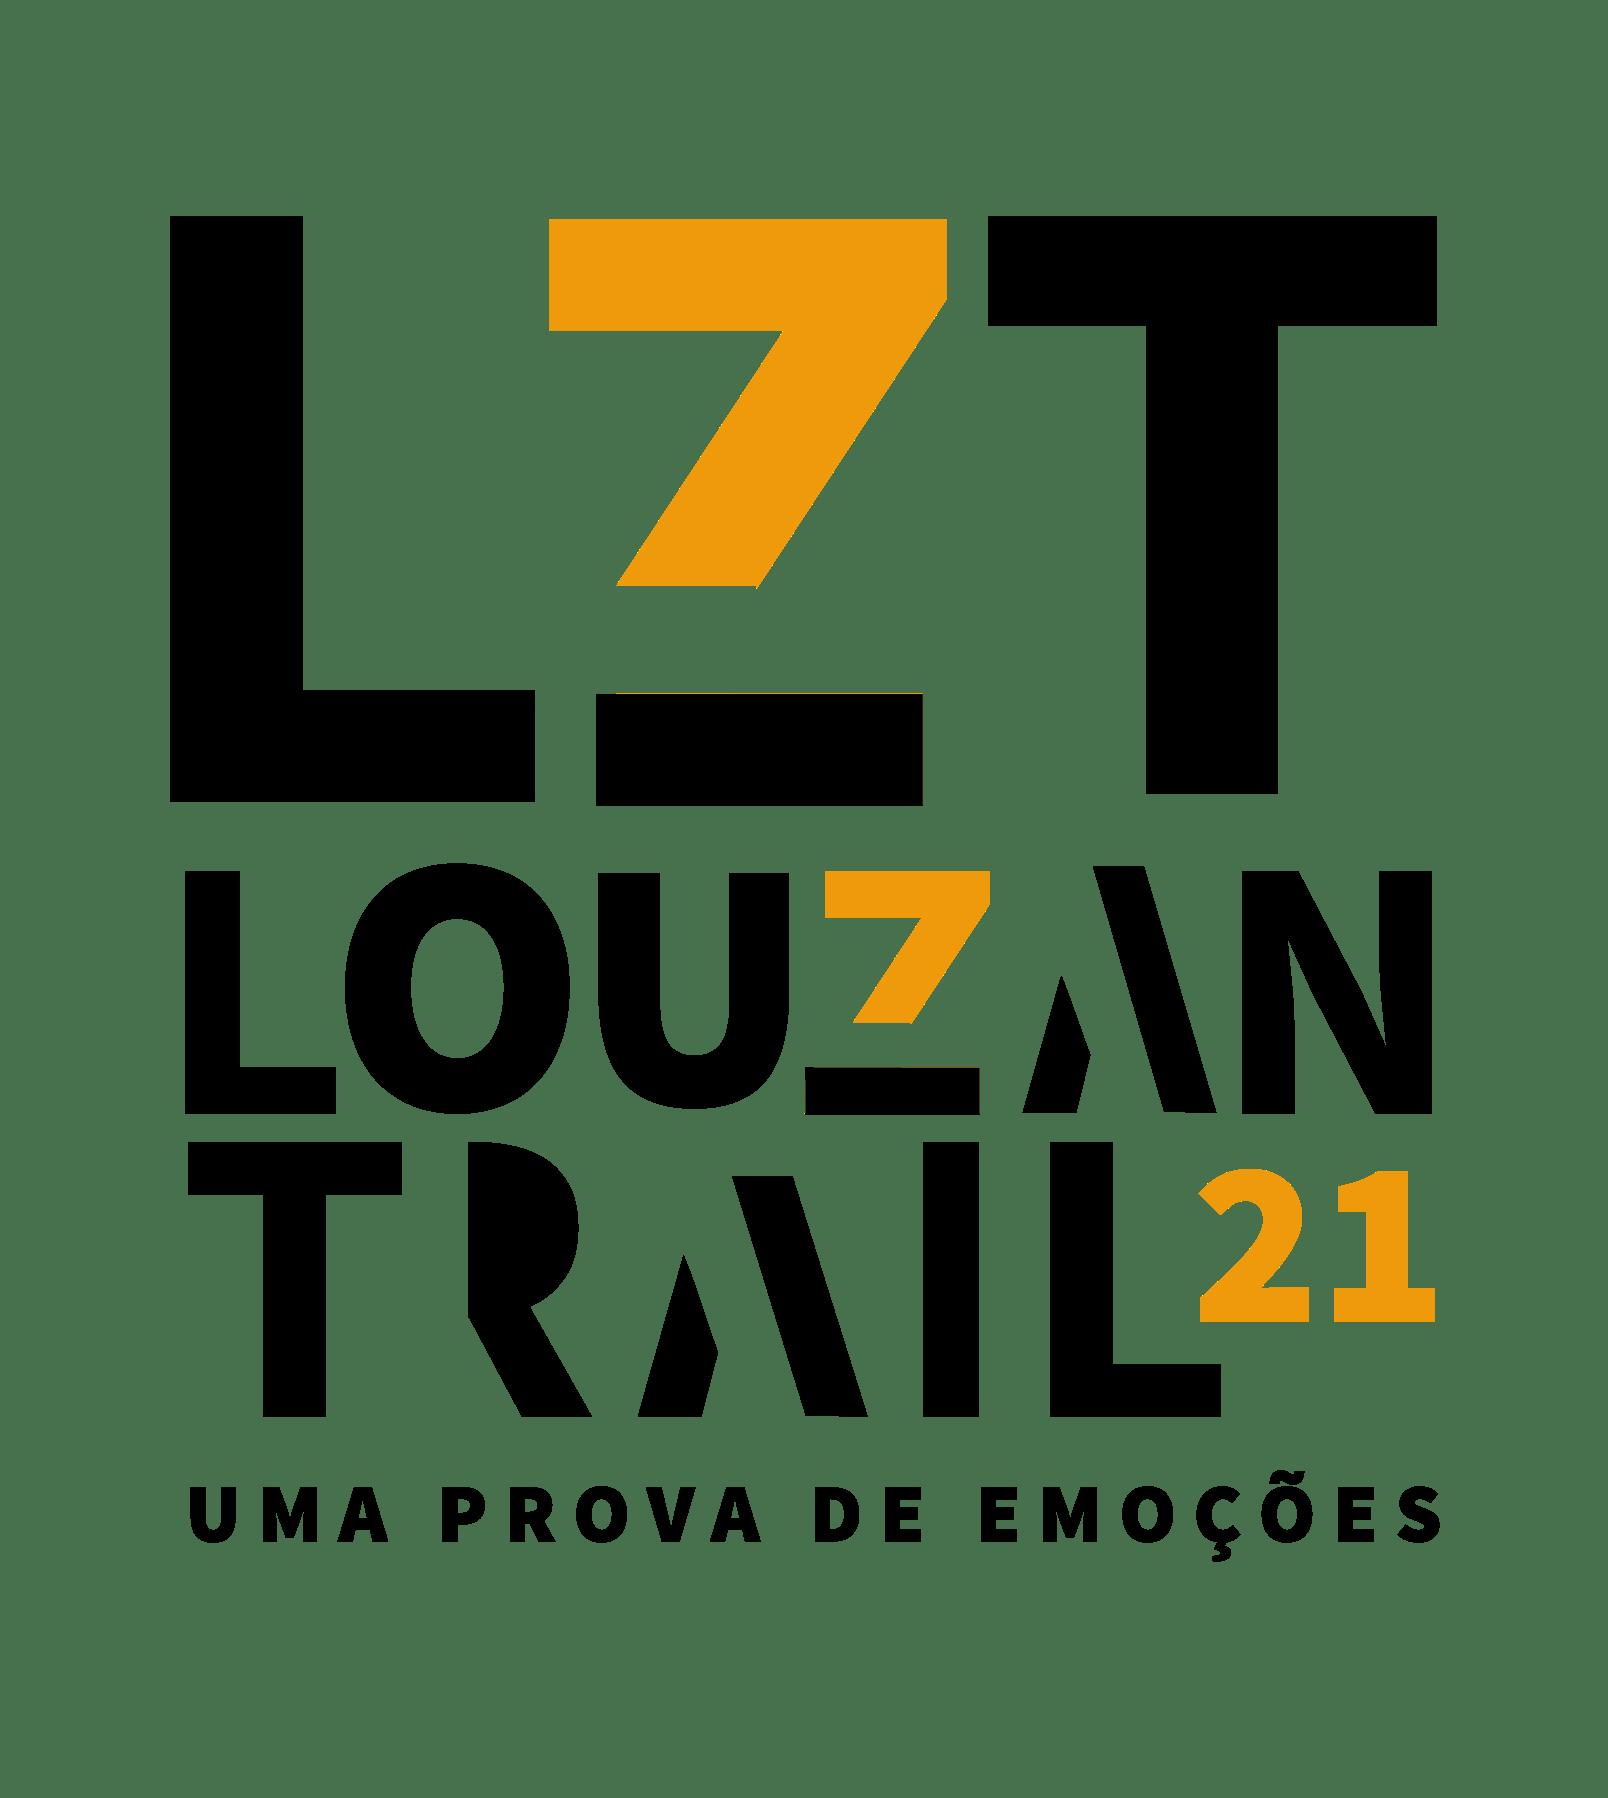 Logo-Louzantrail 2021